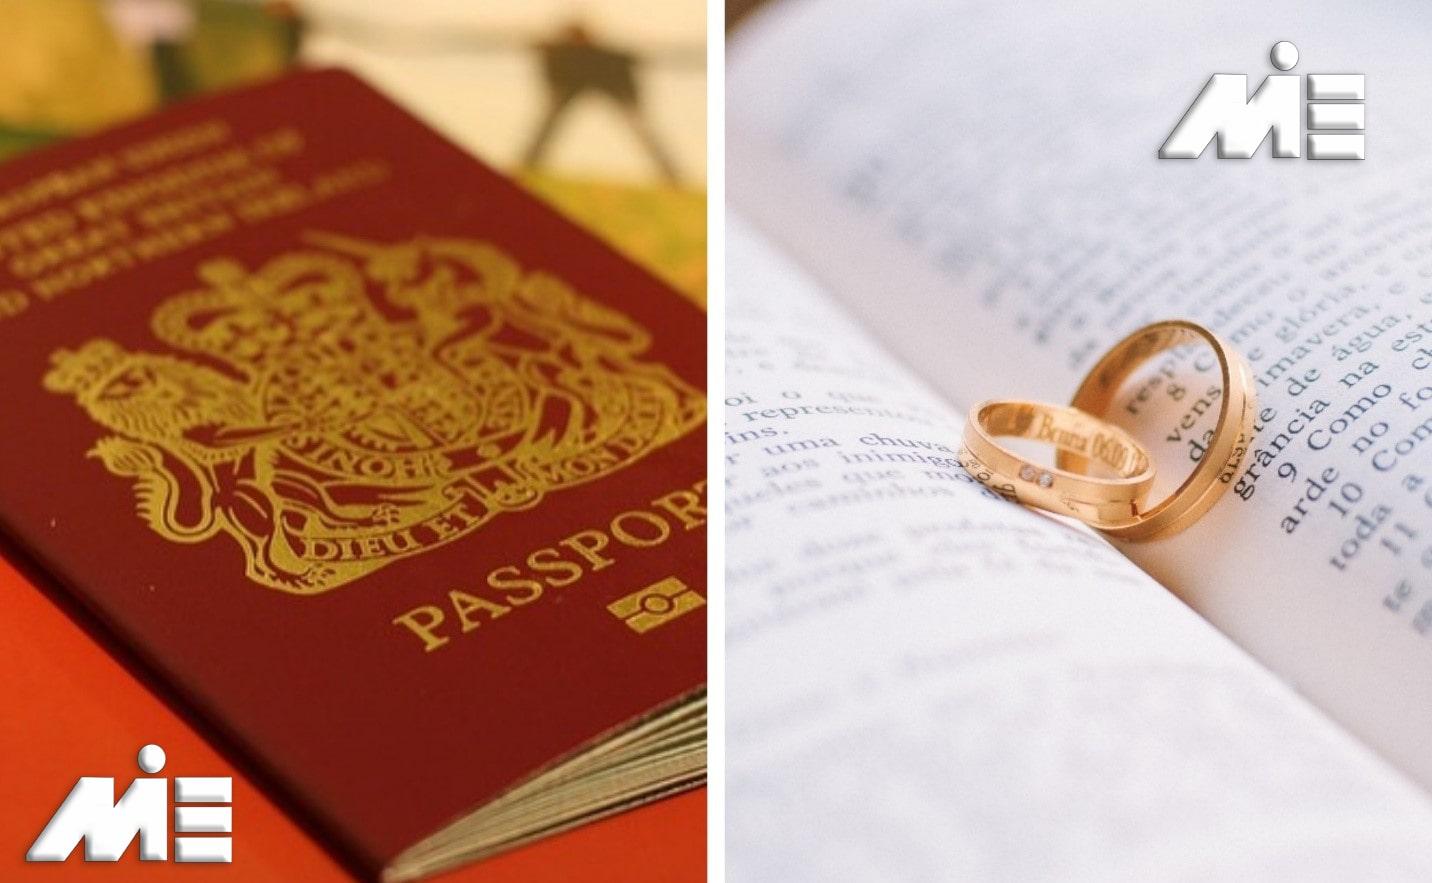 ازدواج در انگلستان - اخذ اقامت و تابعیت انگلستان از طریق ازدواج - ازدواج در انگلستان